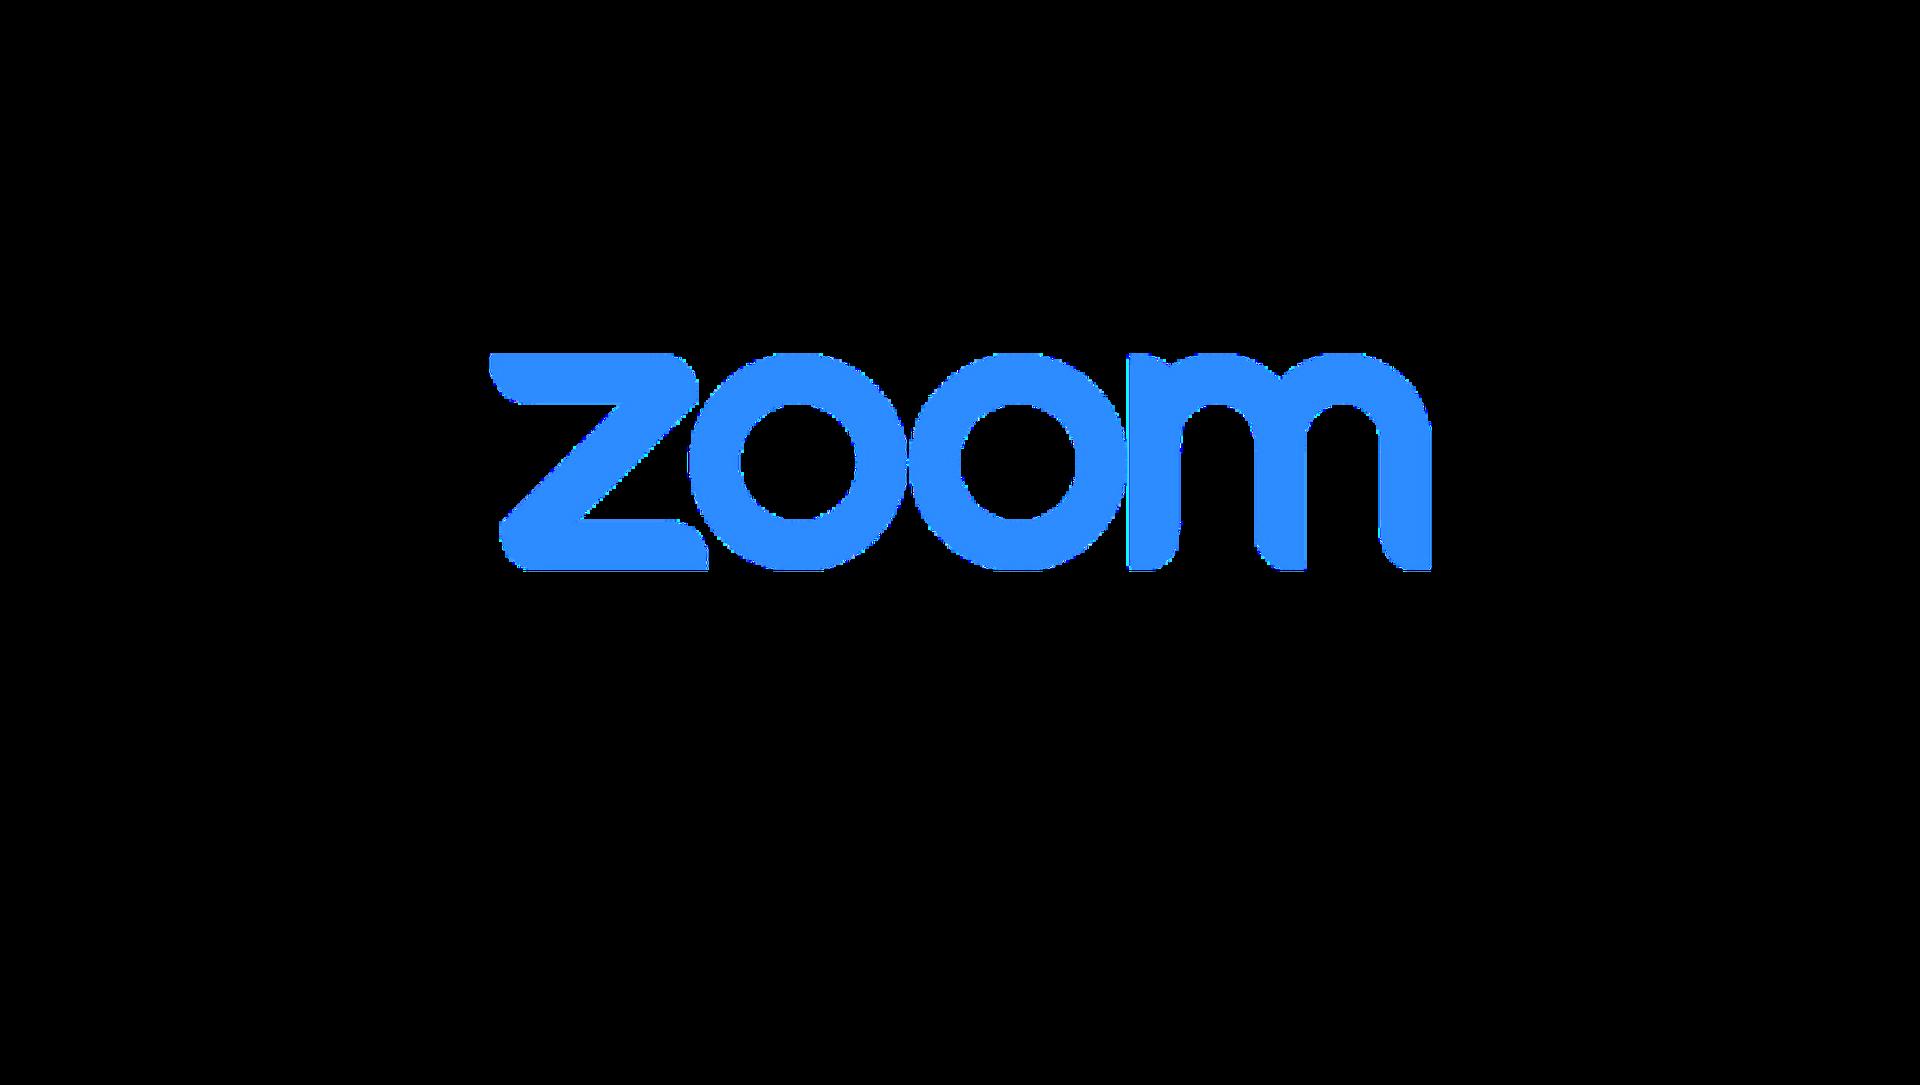 Zoom video conferencing  - Sputnik International, 1920, 02.08.2021